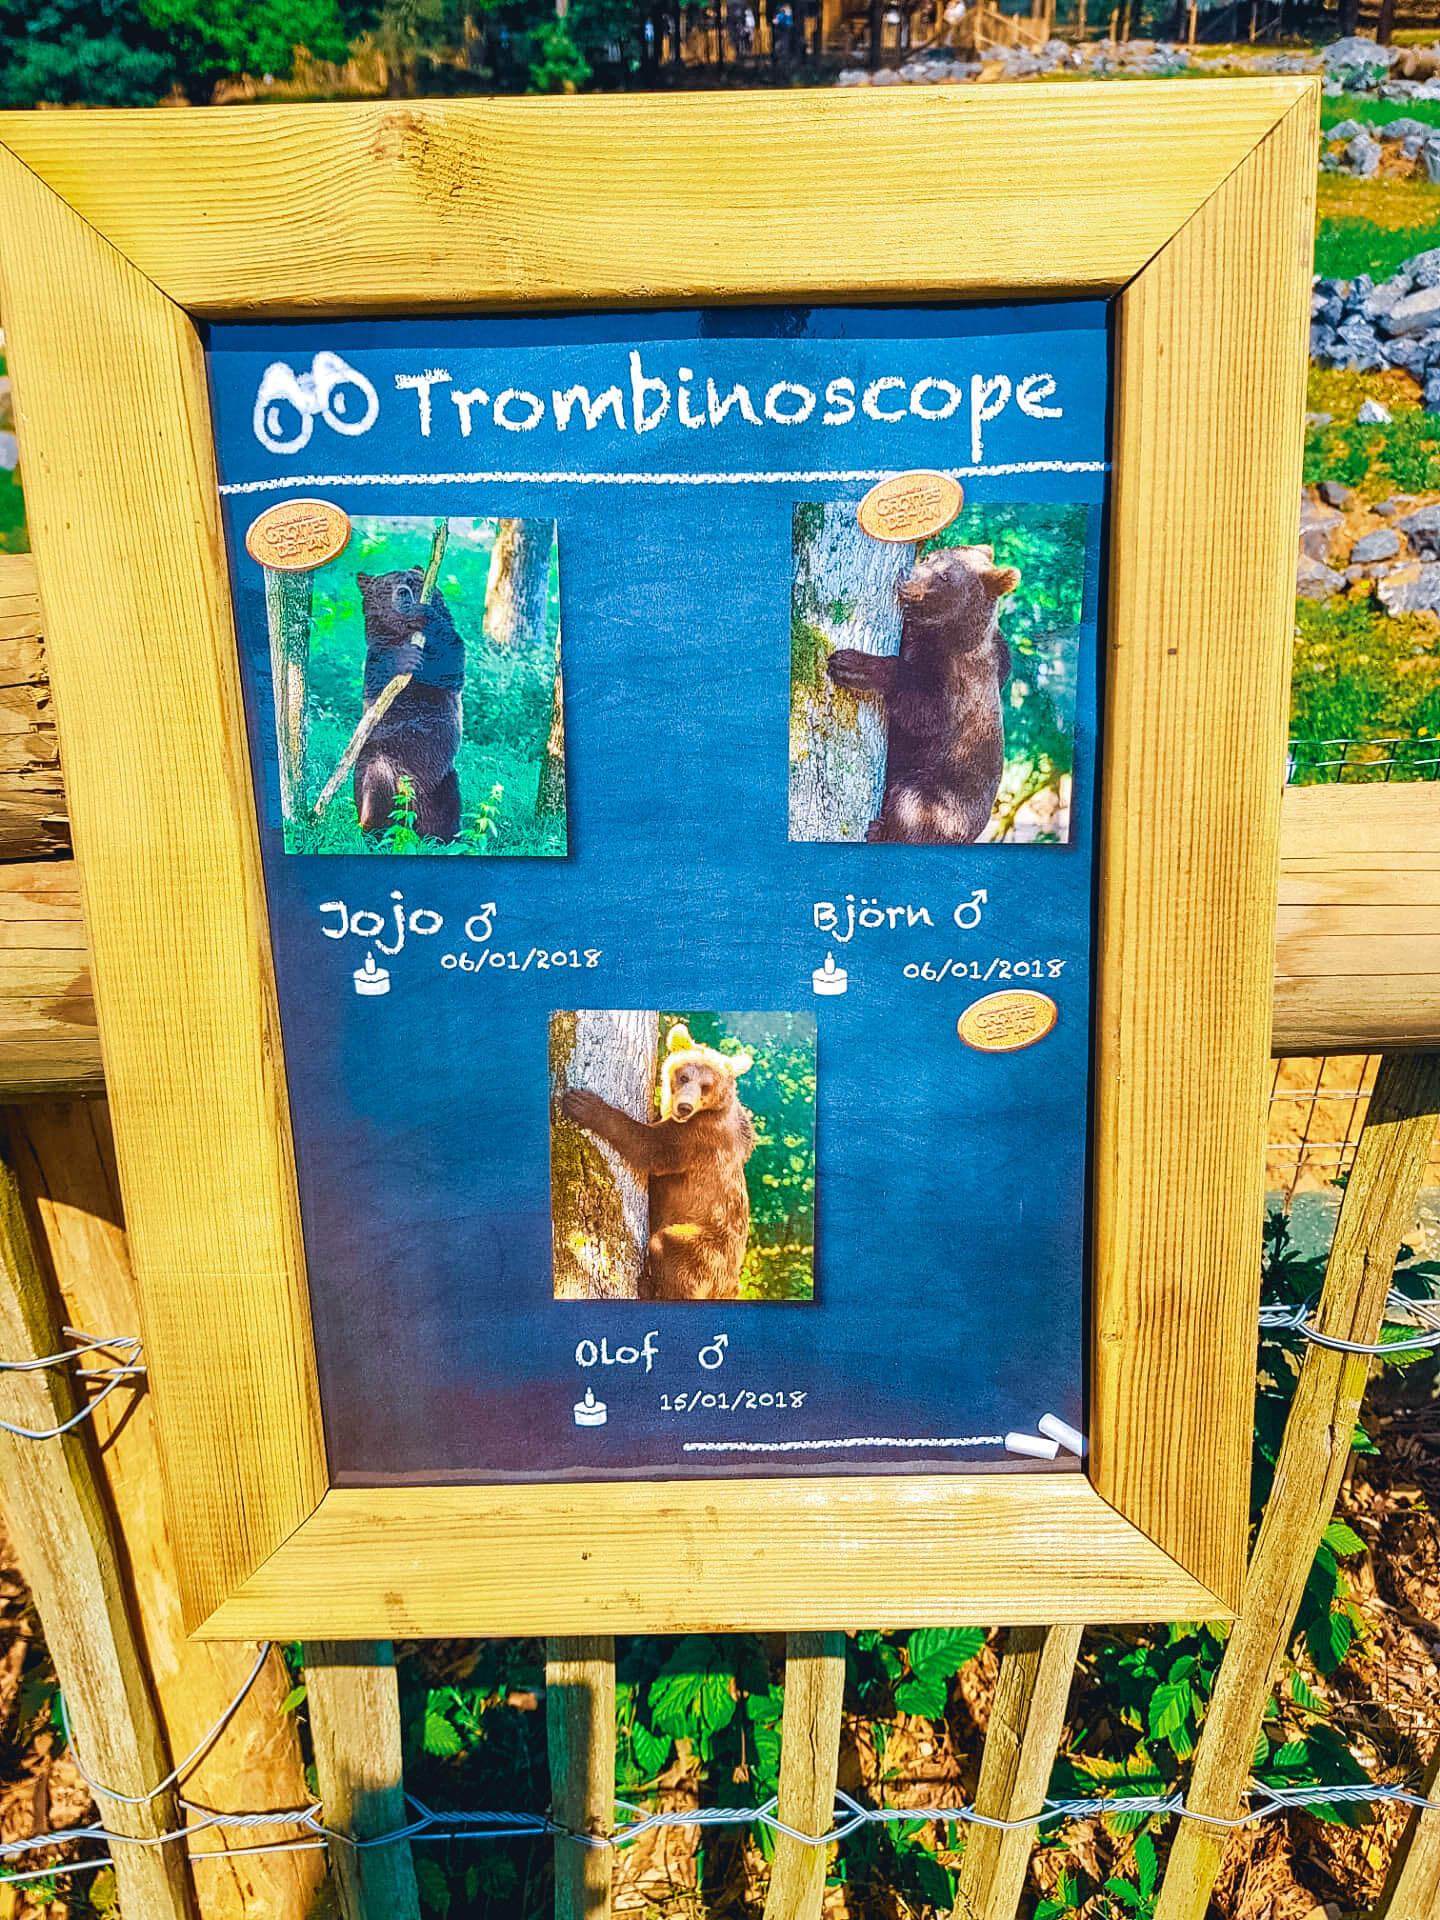 Welkom in het berenbos jojo bjorn olof